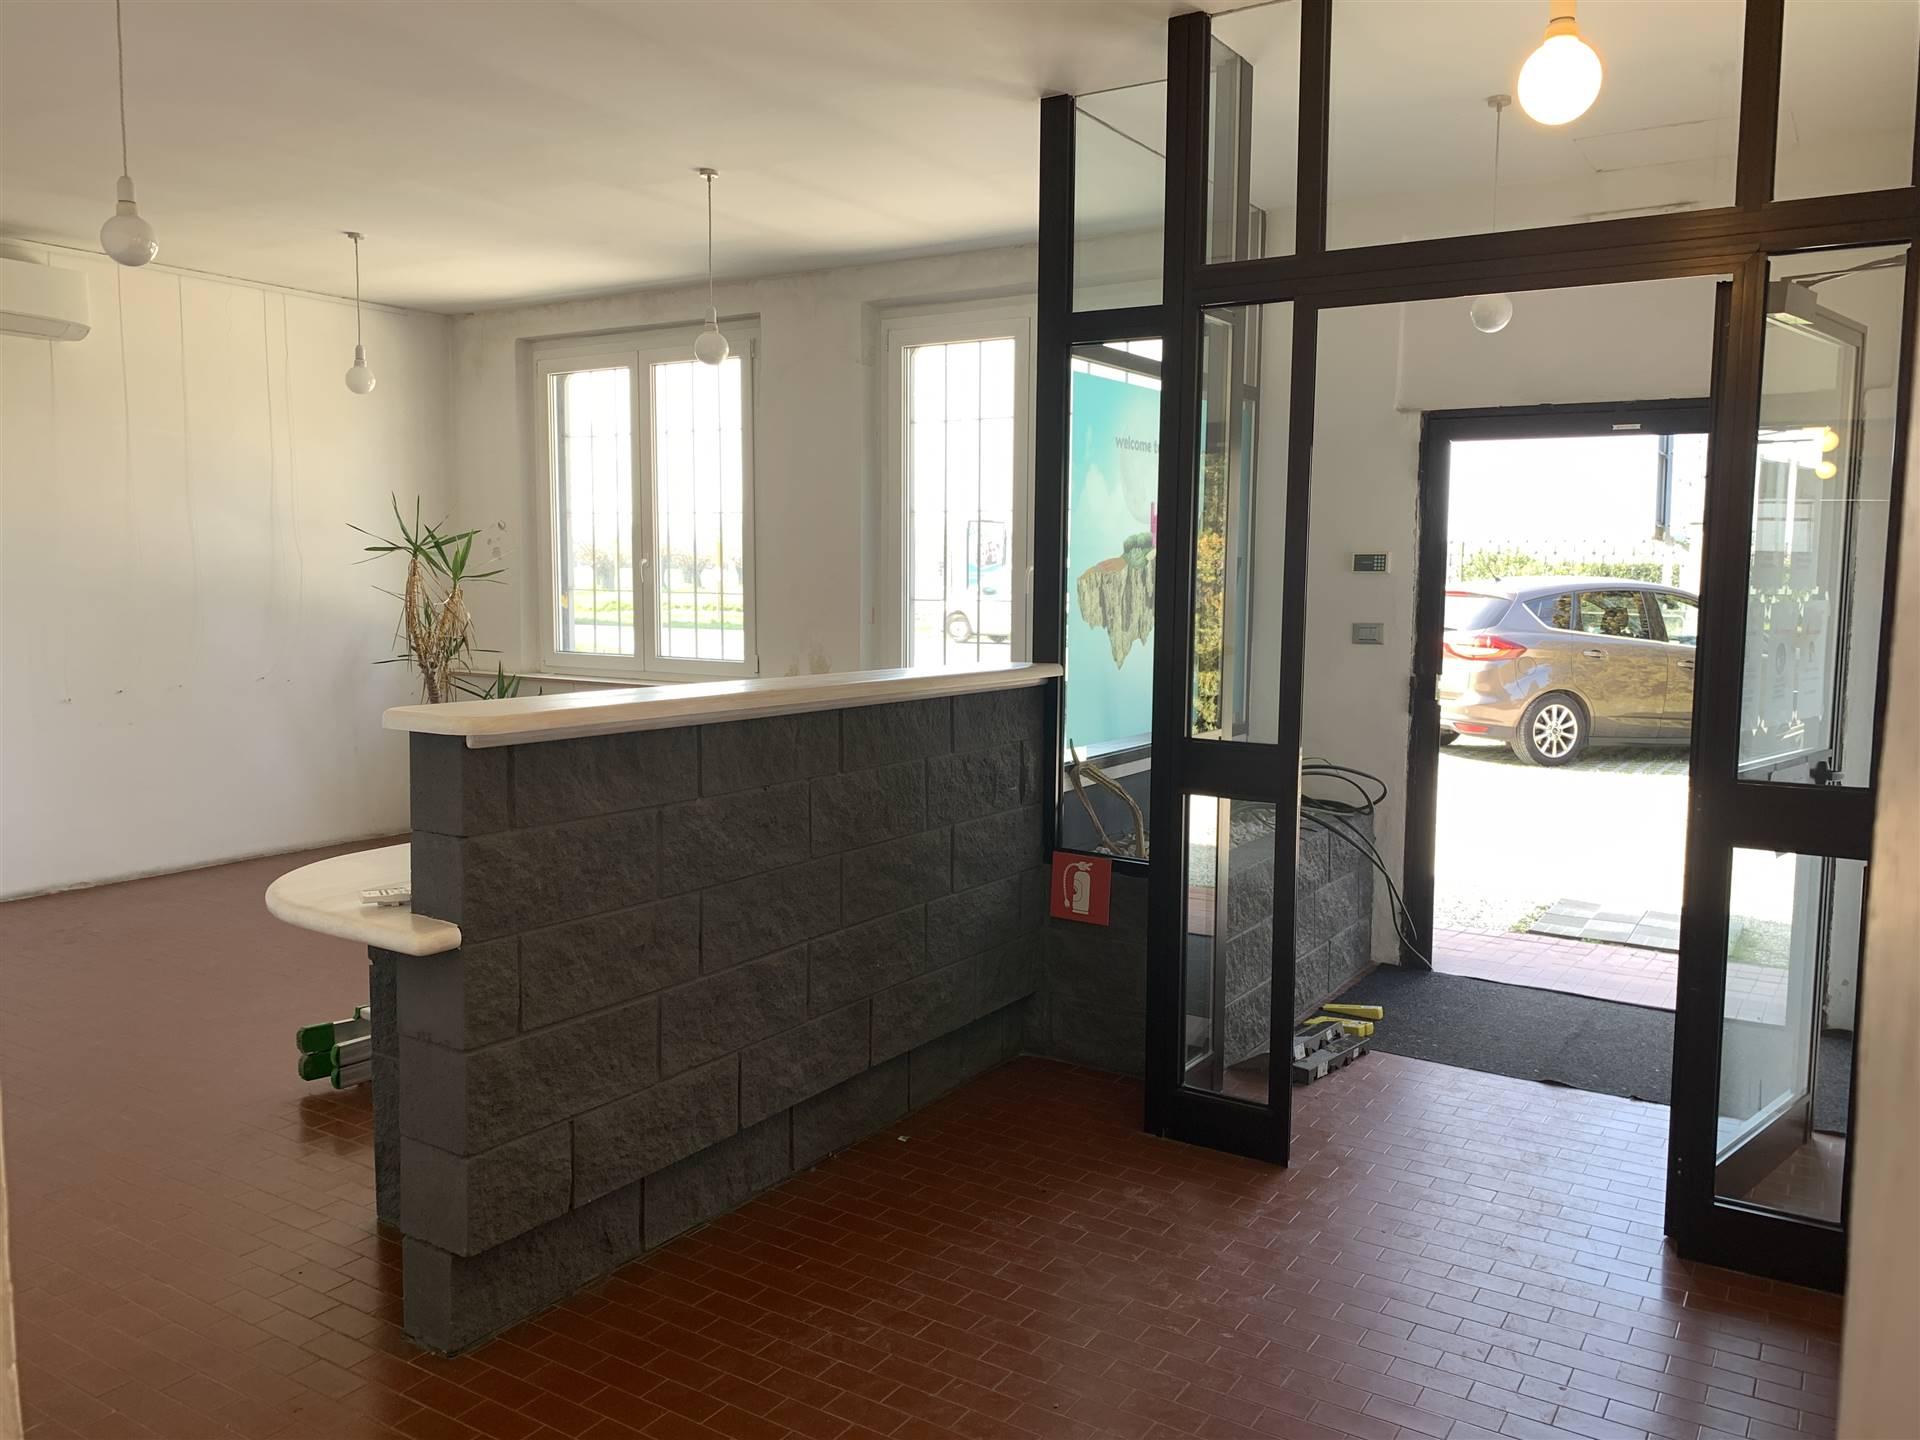 Immobile Commerciale in affitto a Curtatone, 5 locali, zona Località: MONTANARA, prezzo € 2.000 | PortaleAgenzieImmobiliari.it